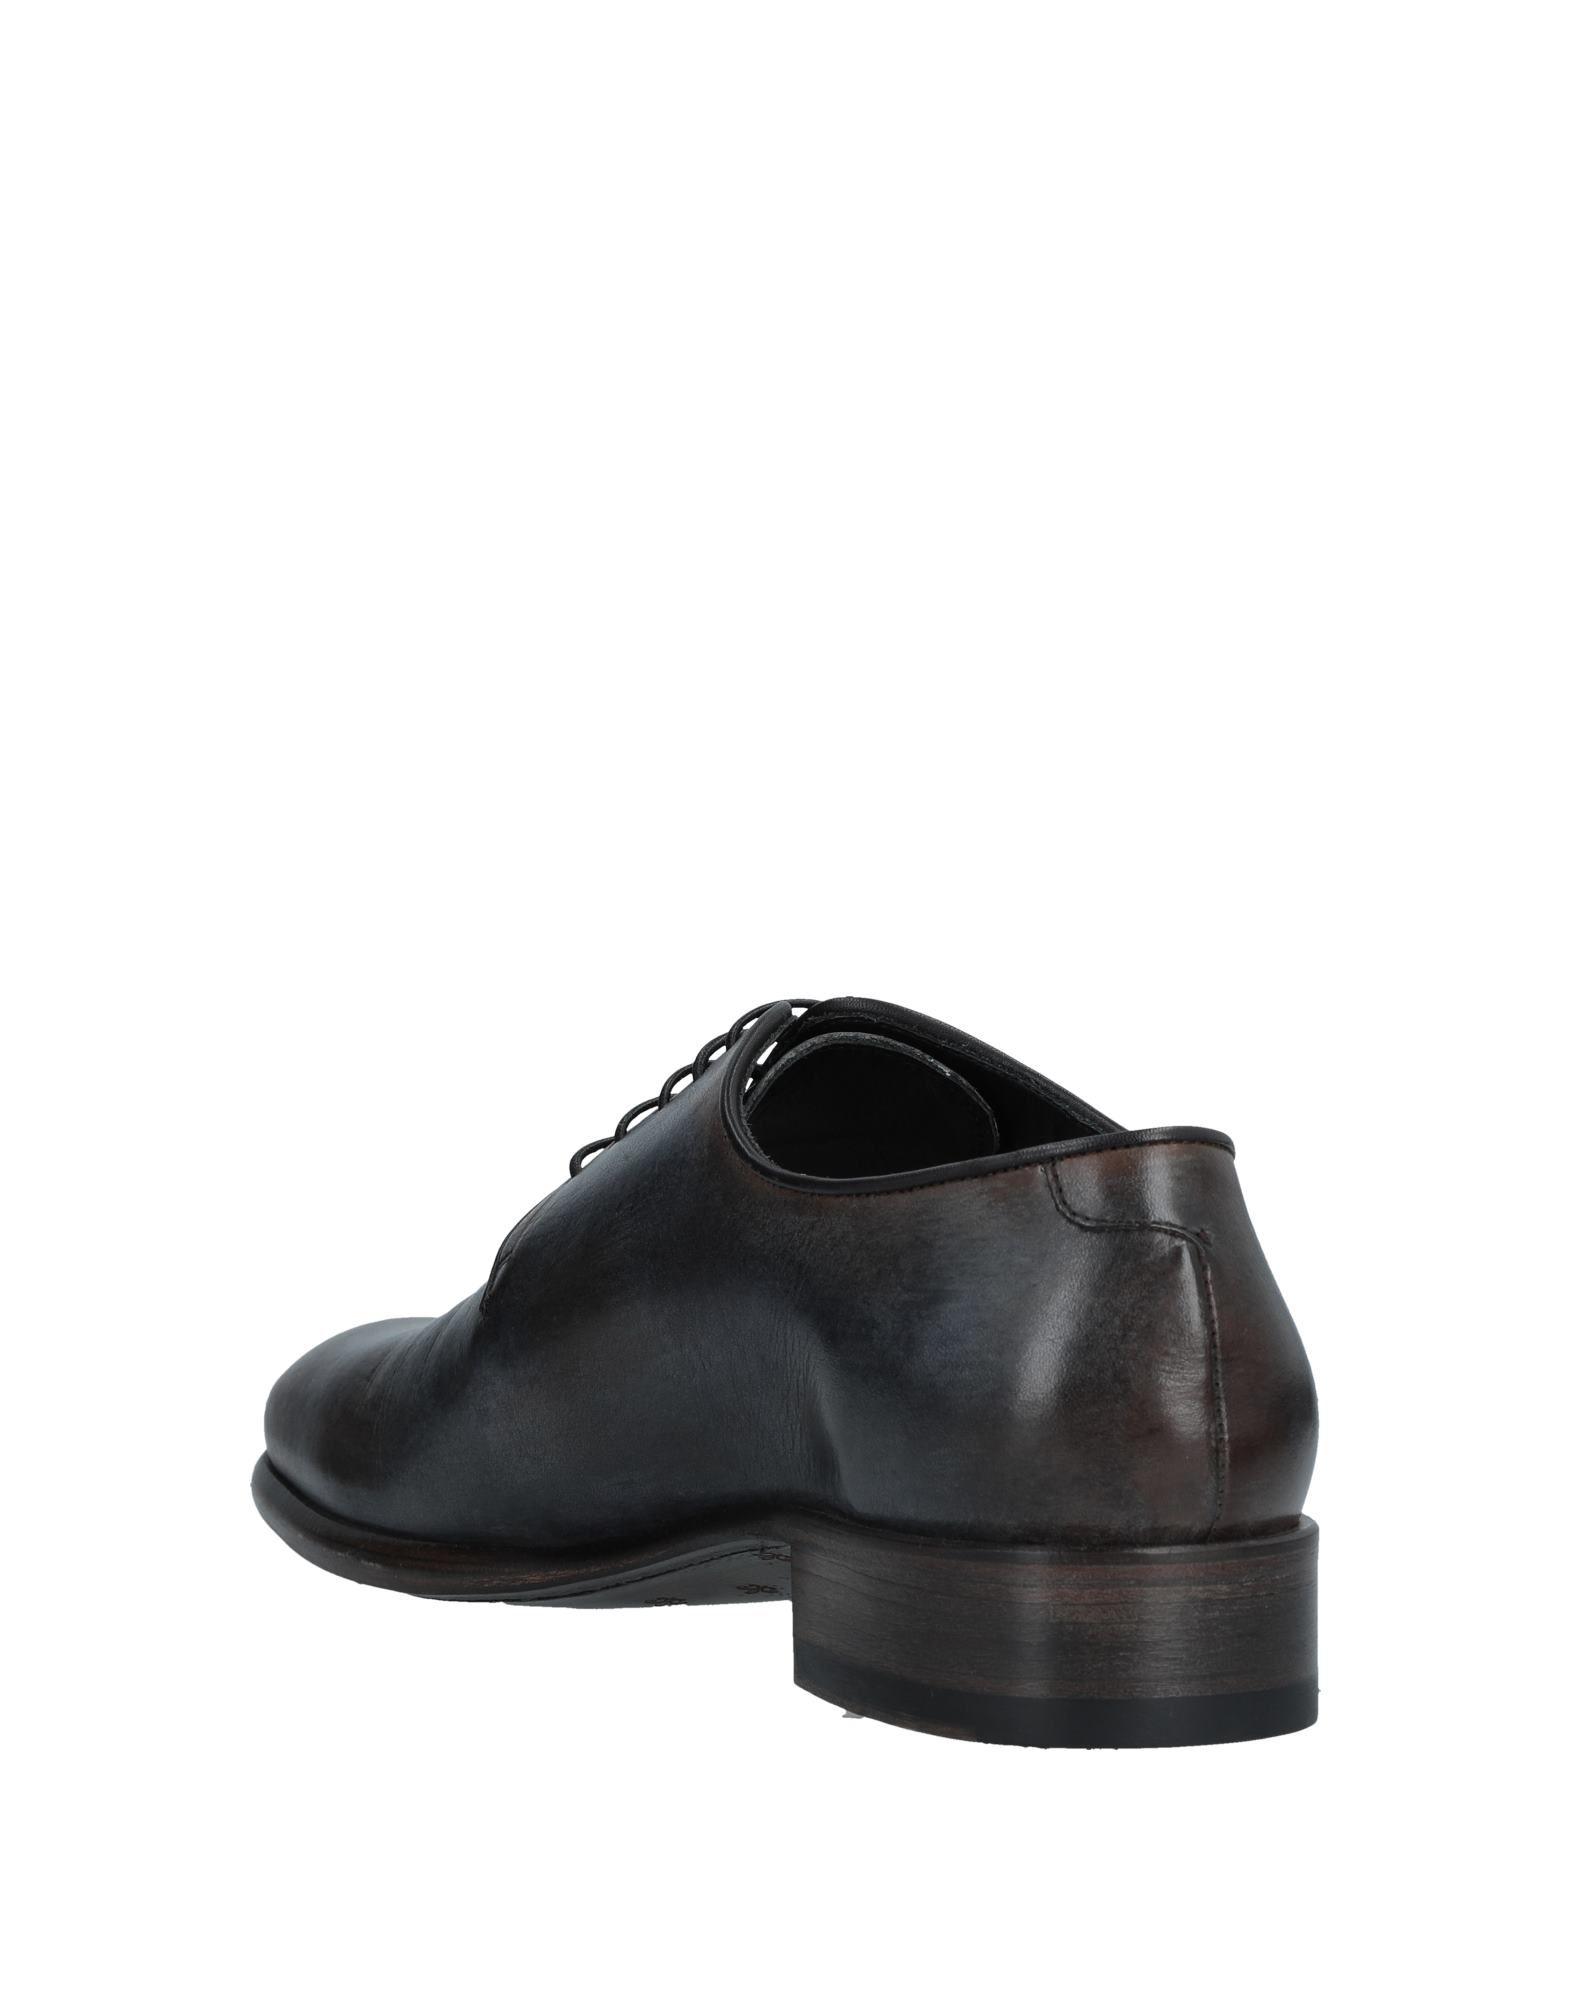 John Varvatos Gute Schnürschuhe Herren  11535793NM Gute Varvatos Qualität beliebte Schuhe 624ee4